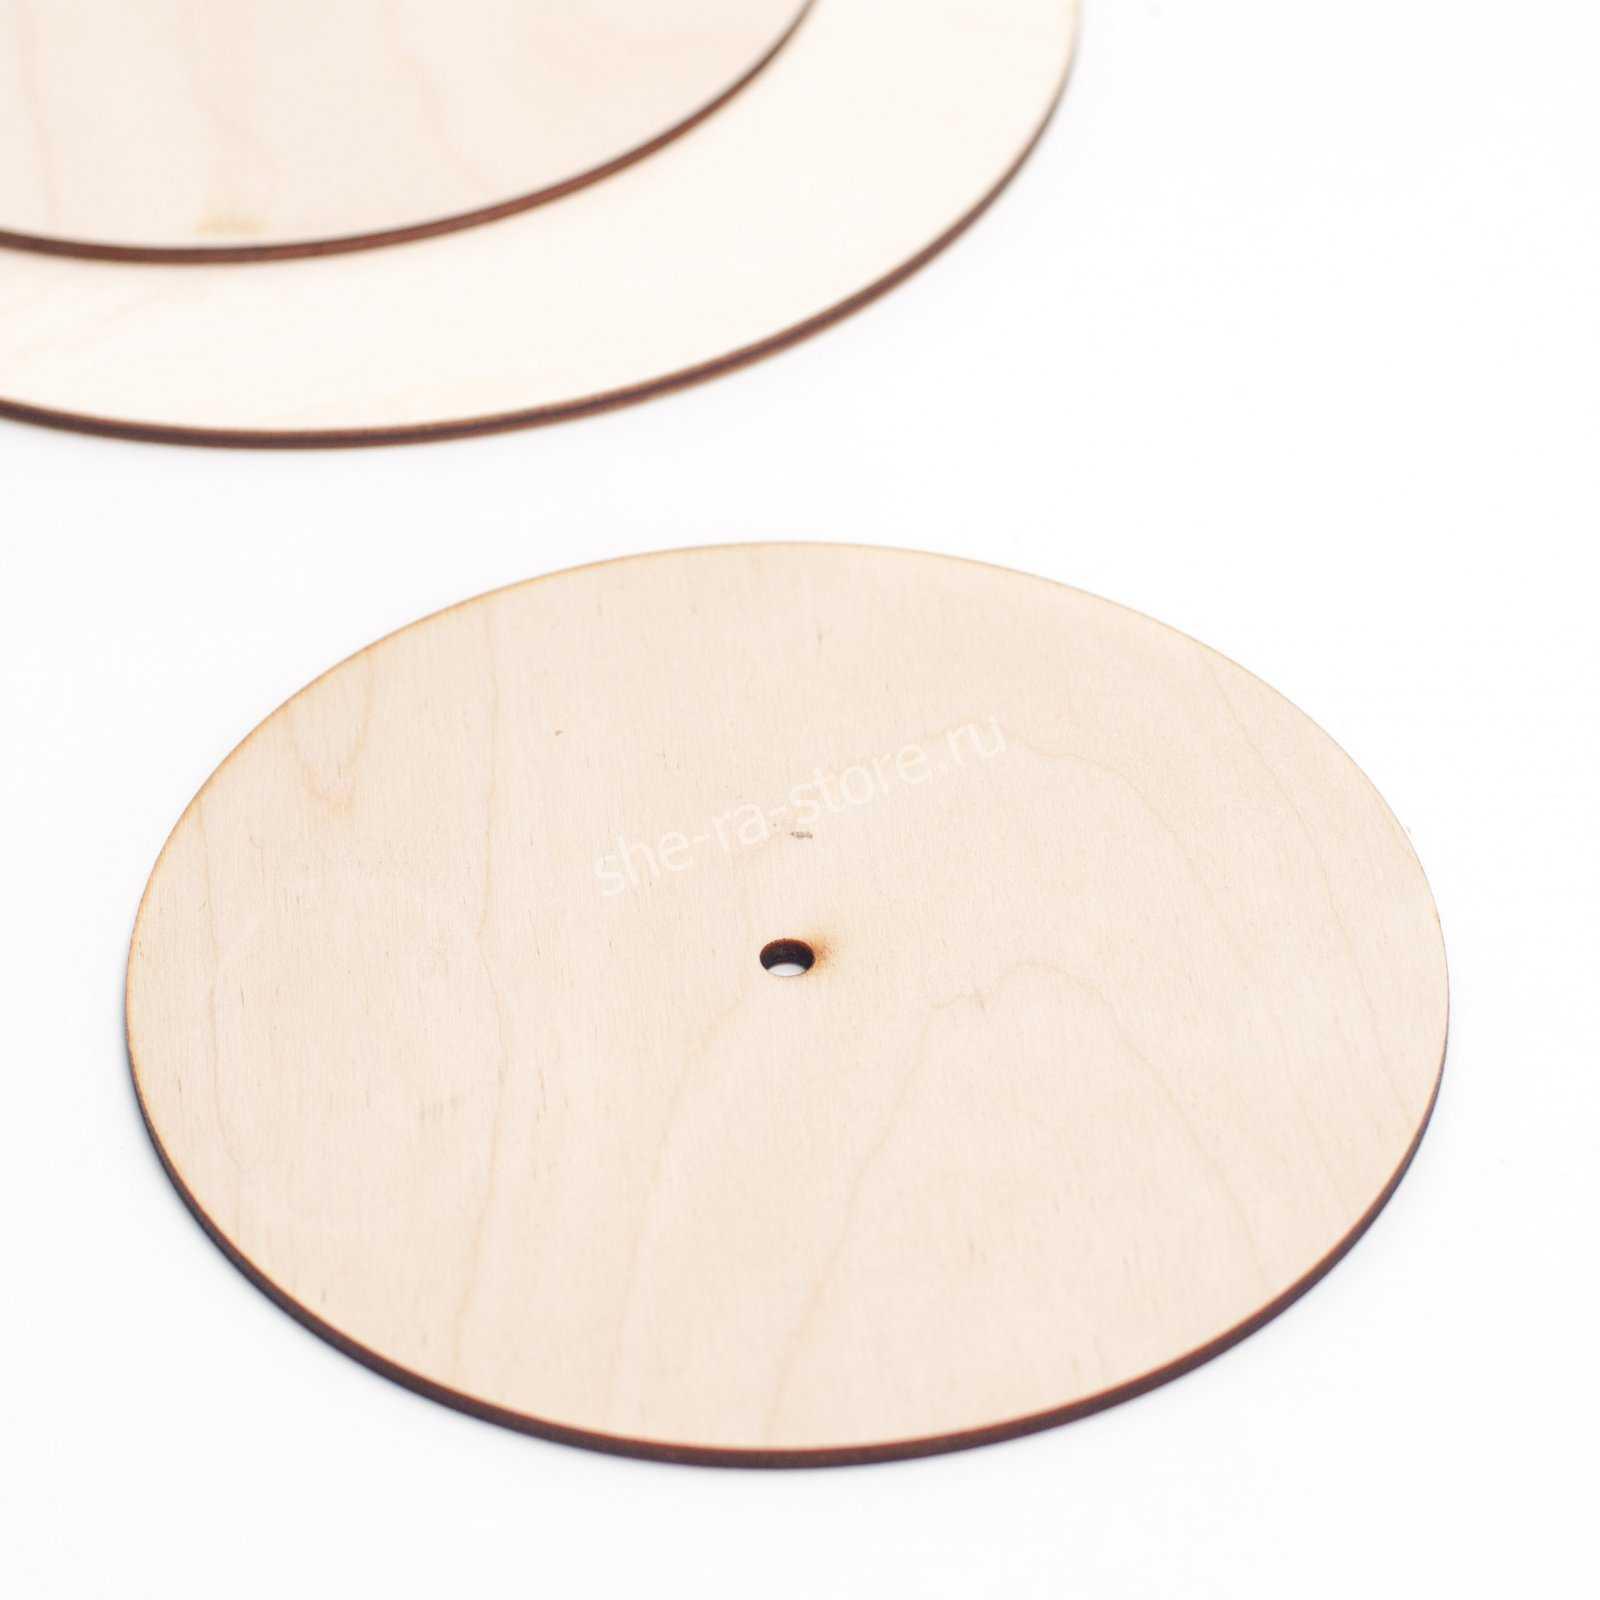 Подложка усиленная с отверстием для оси, диаметр 20см.